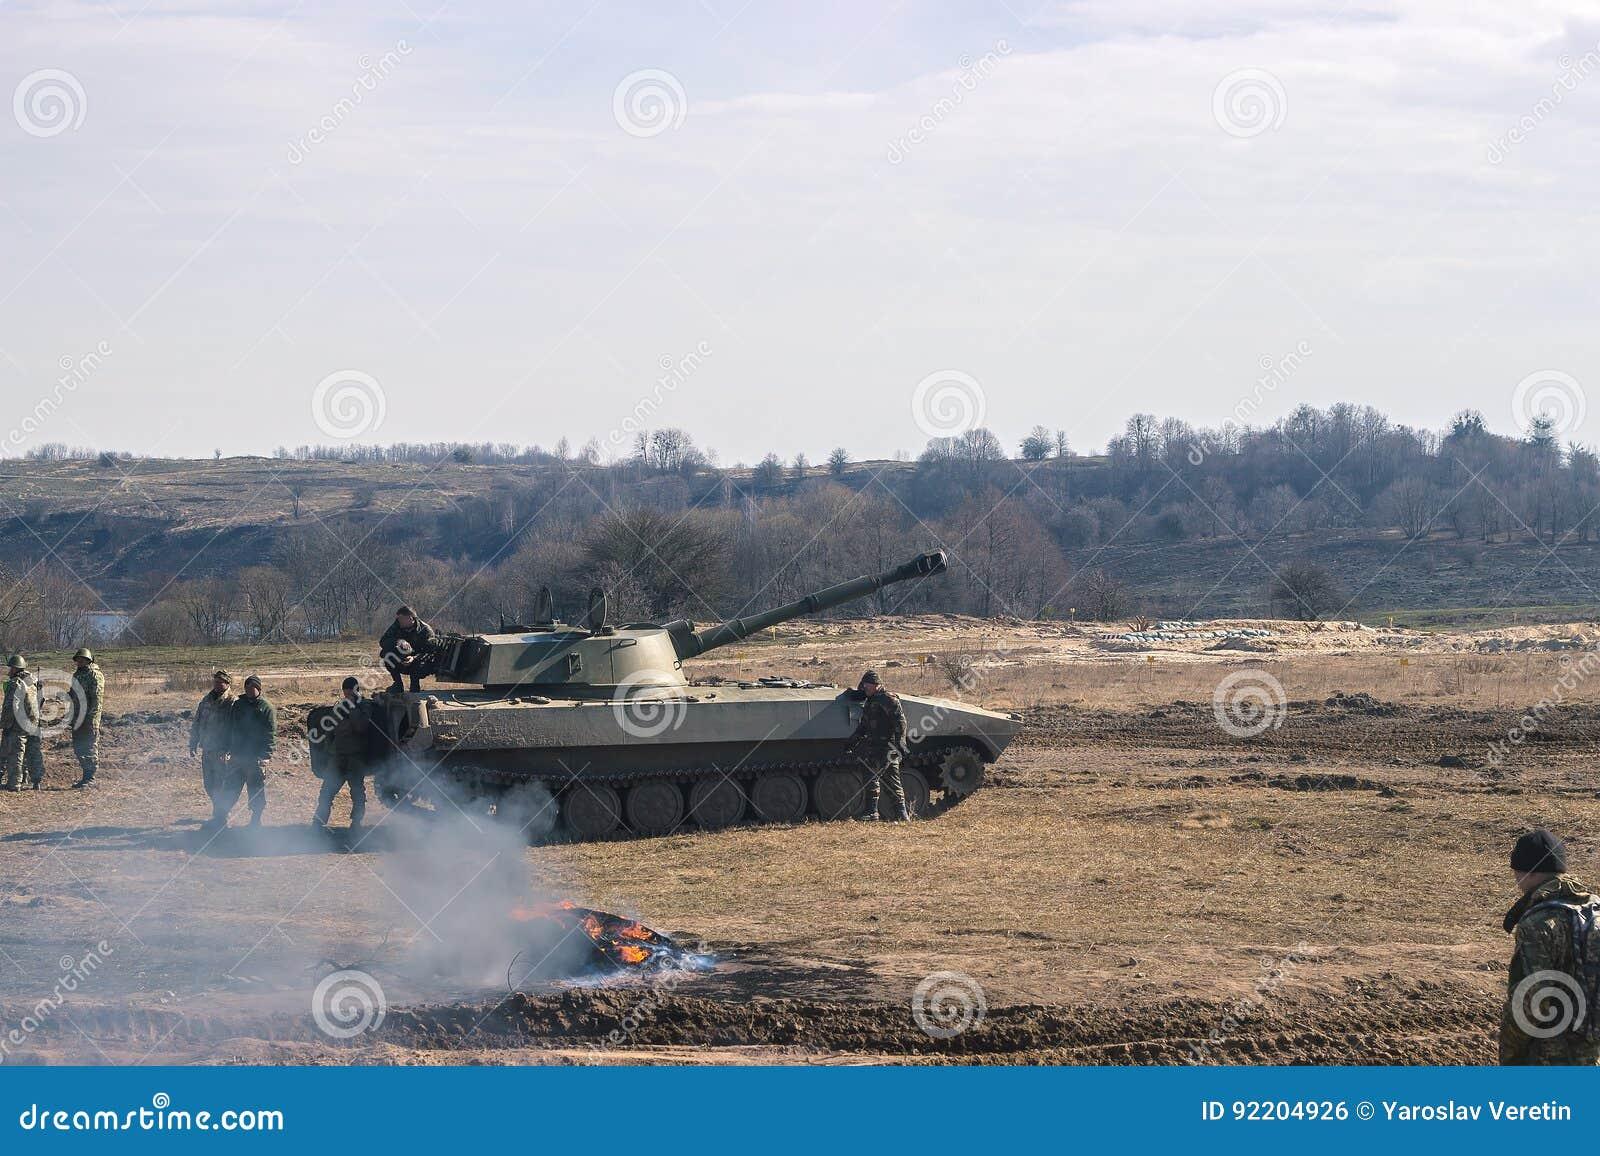 Los tanques de batalla que se mueven en el desierto OTAN de la escena de la guerra battlefield